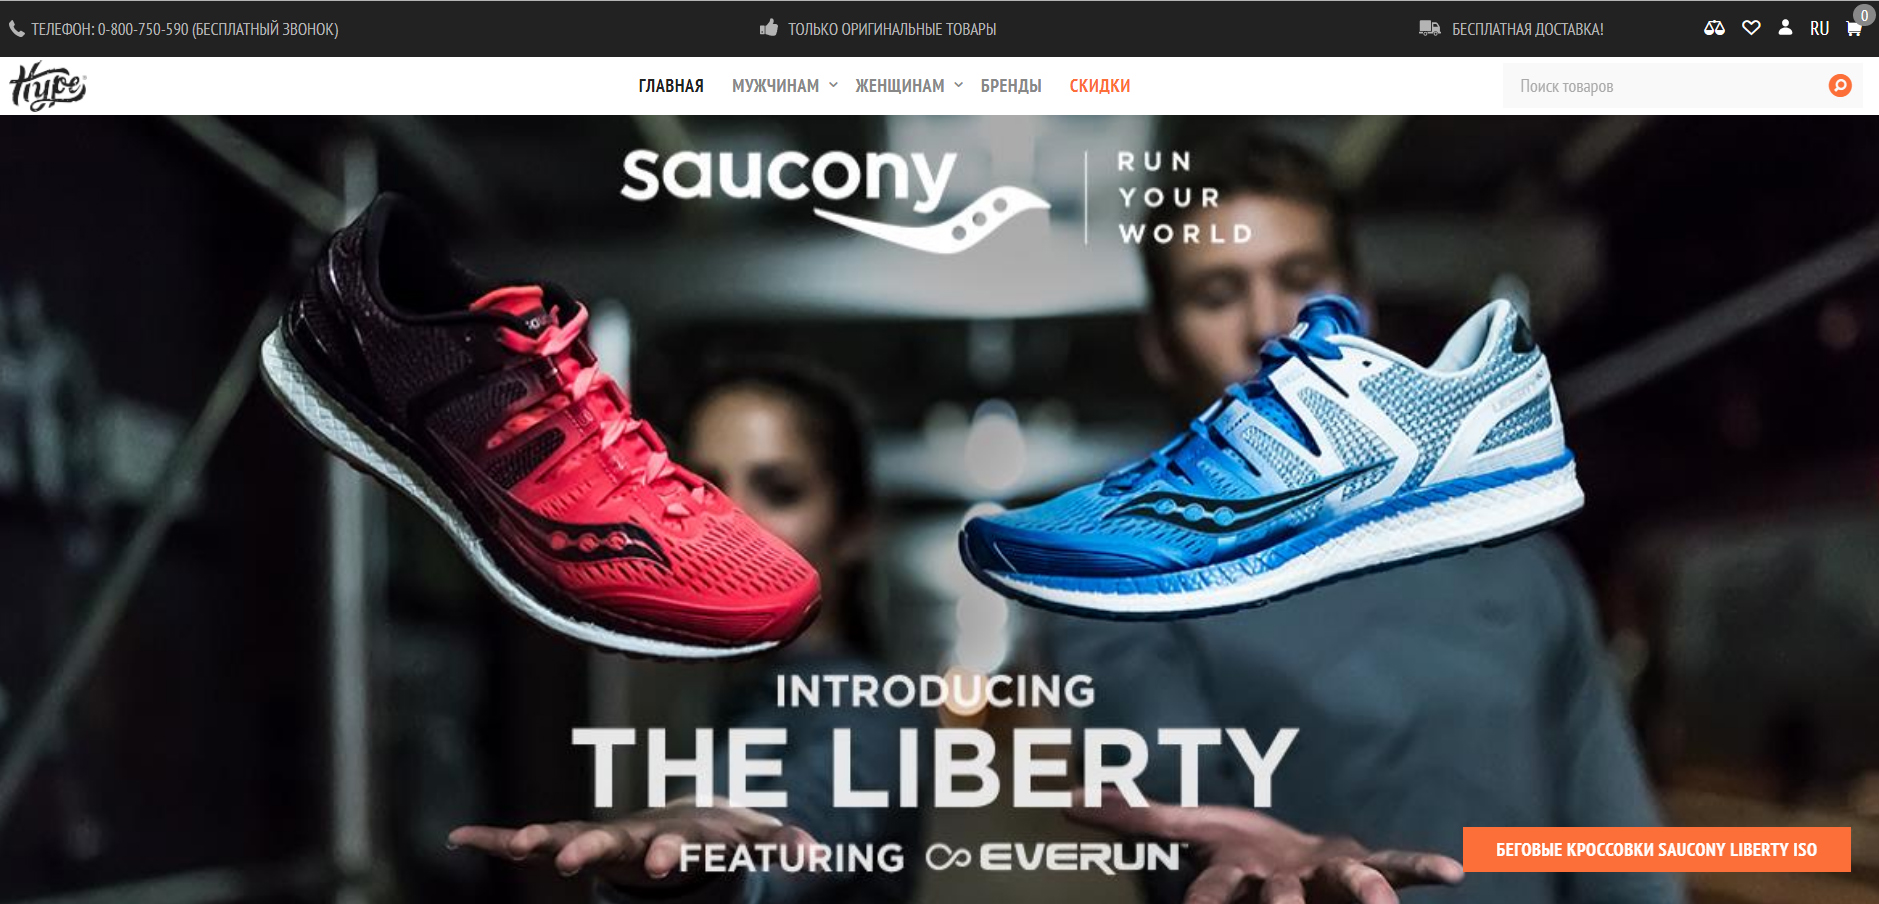 dd0d50b31962 Как создать интернет-магазин одежды и обуви с нуля   Кейс от OkayCms